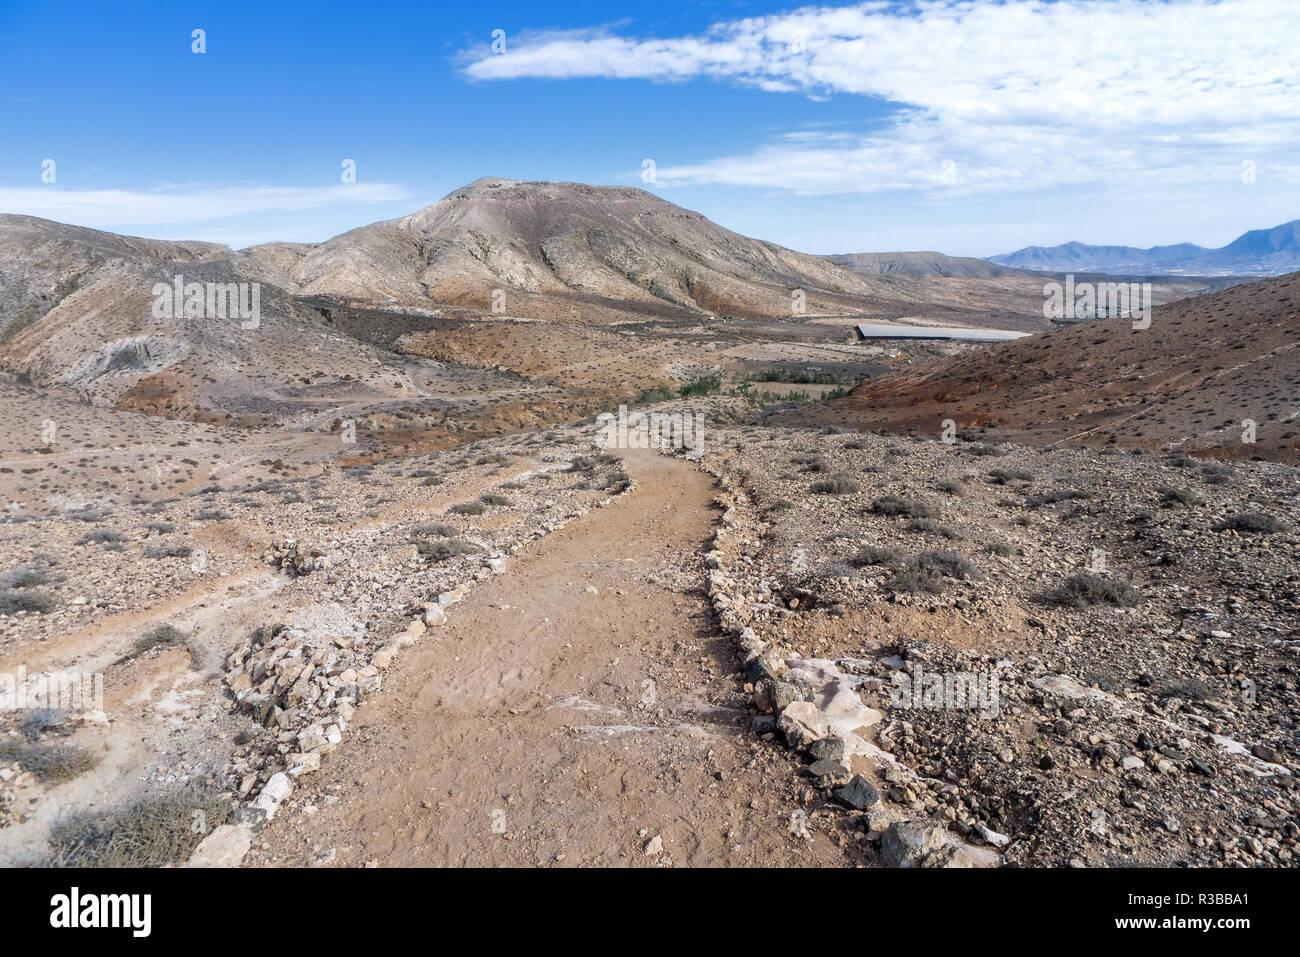 fuerteventura - pilgrimage in cardon massif Stock Photo